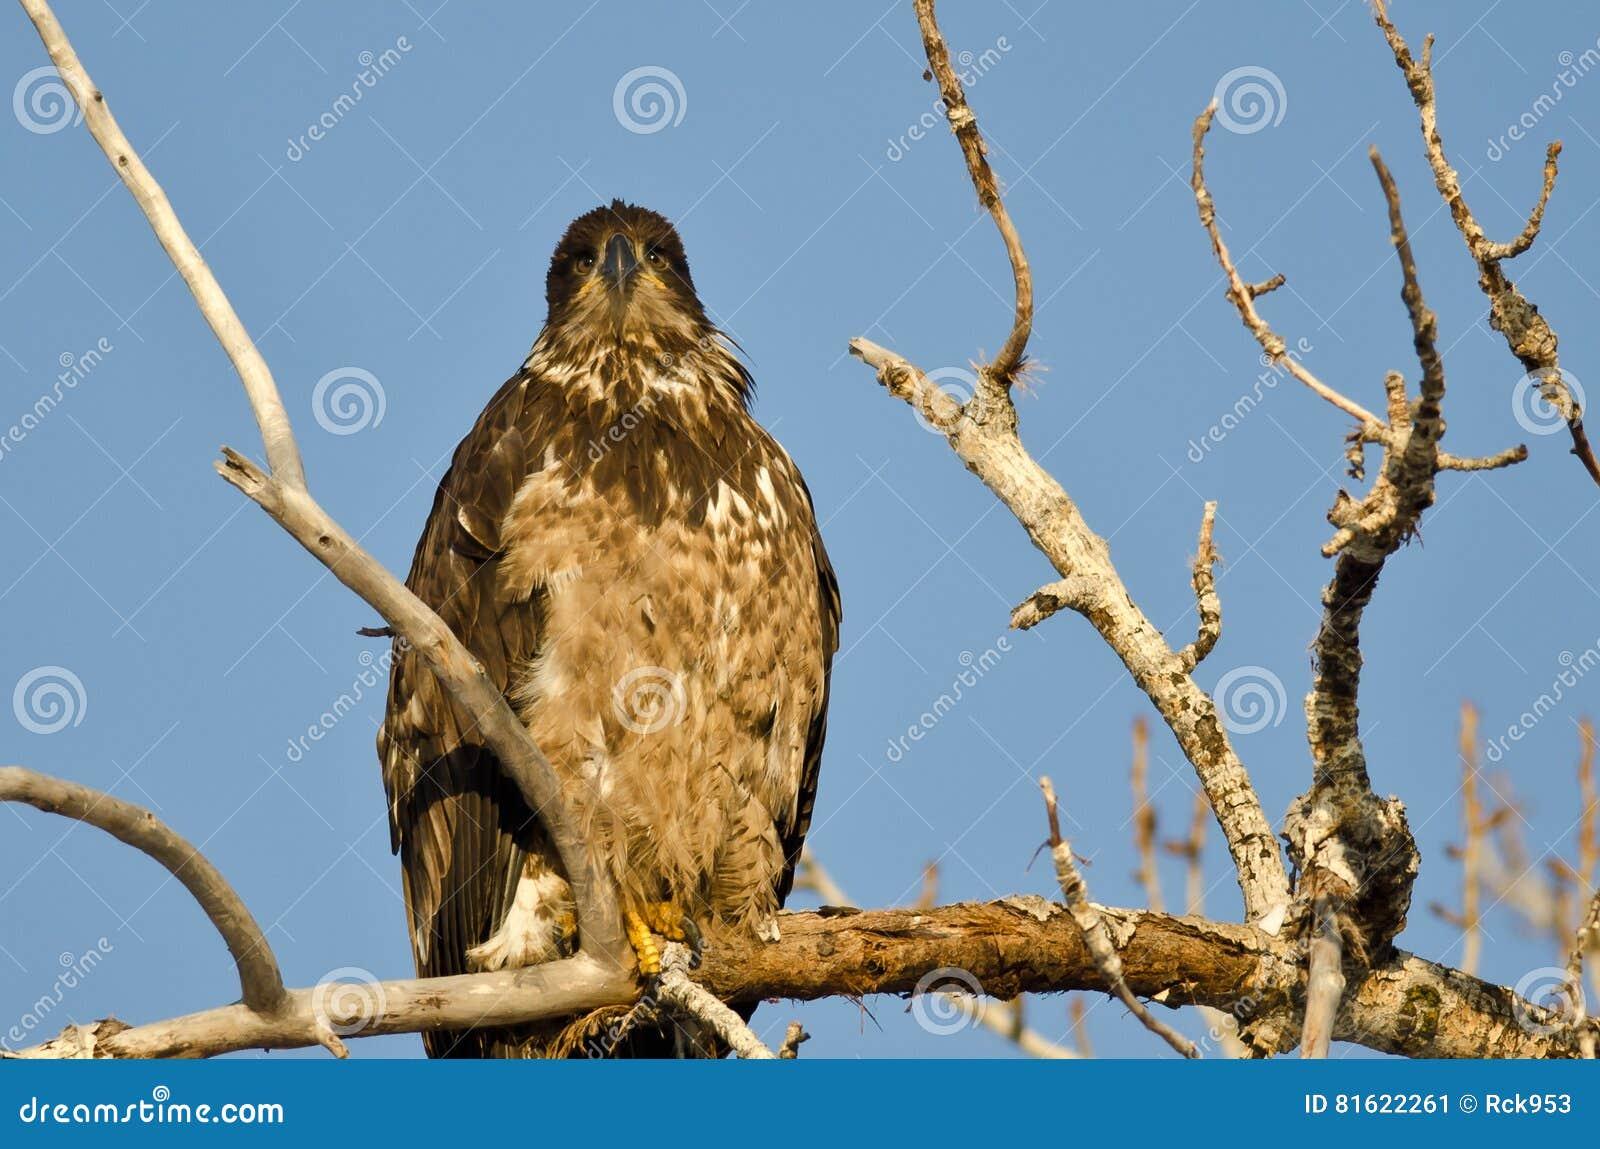 Jeune Eagle Perched High chauve dans un arbre stérile